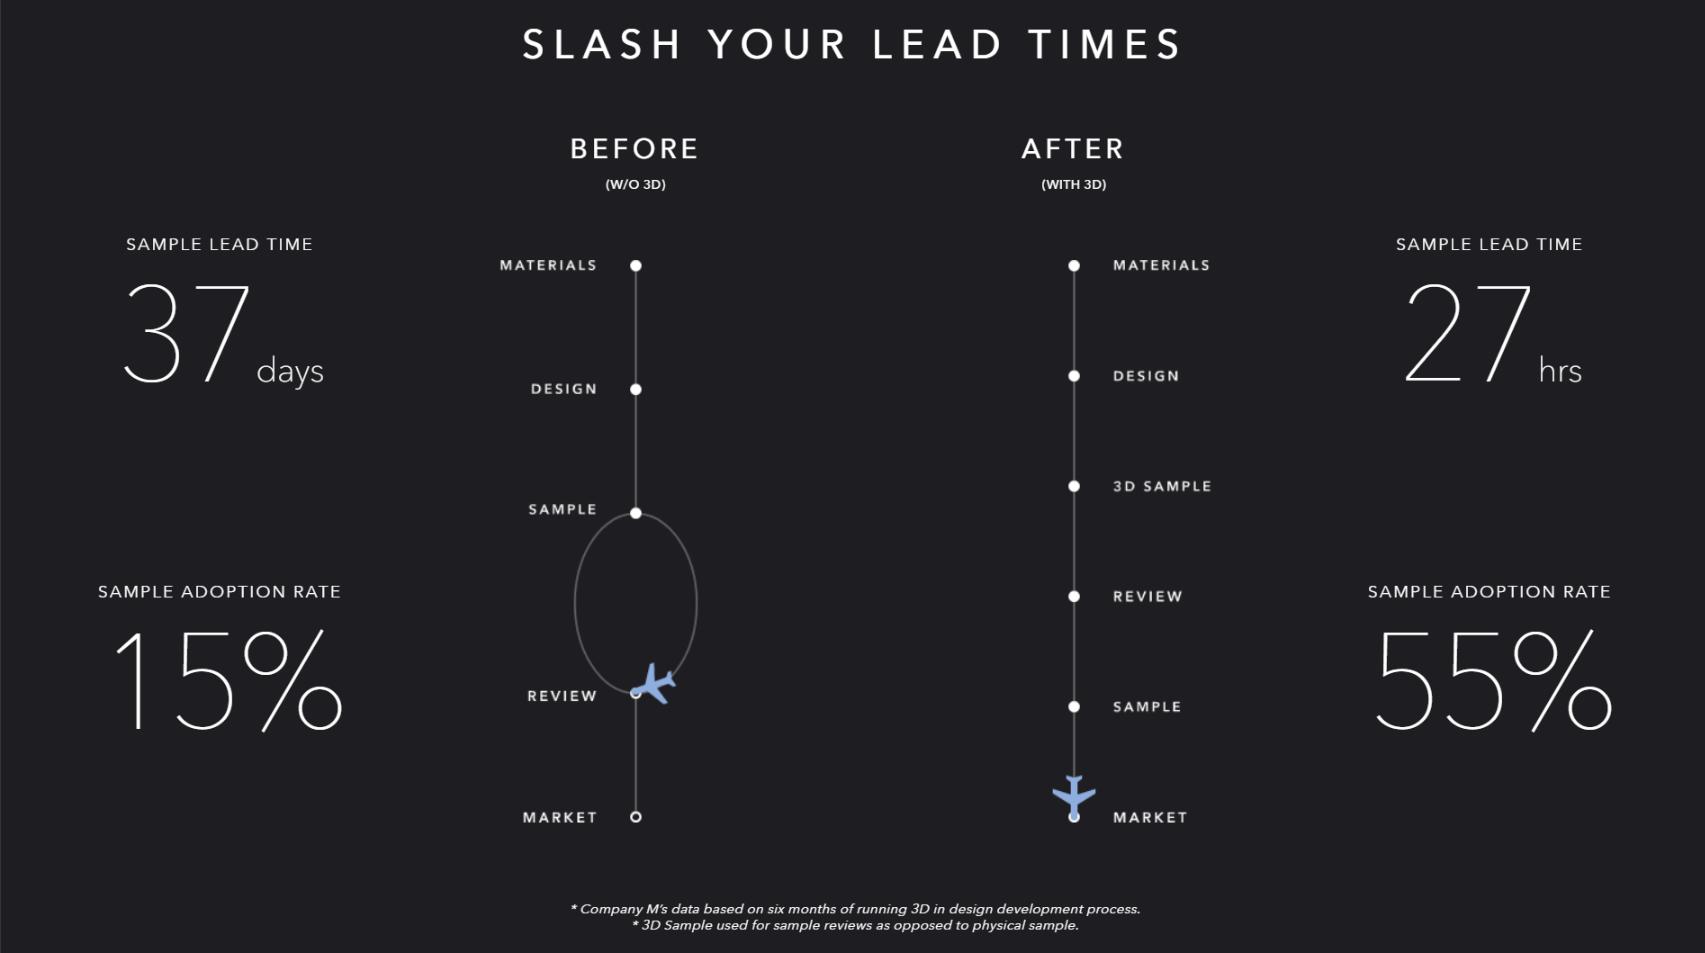 SLASH YOUR LEAD TIMES (copyright CLO Virtual Fashion Inc.)